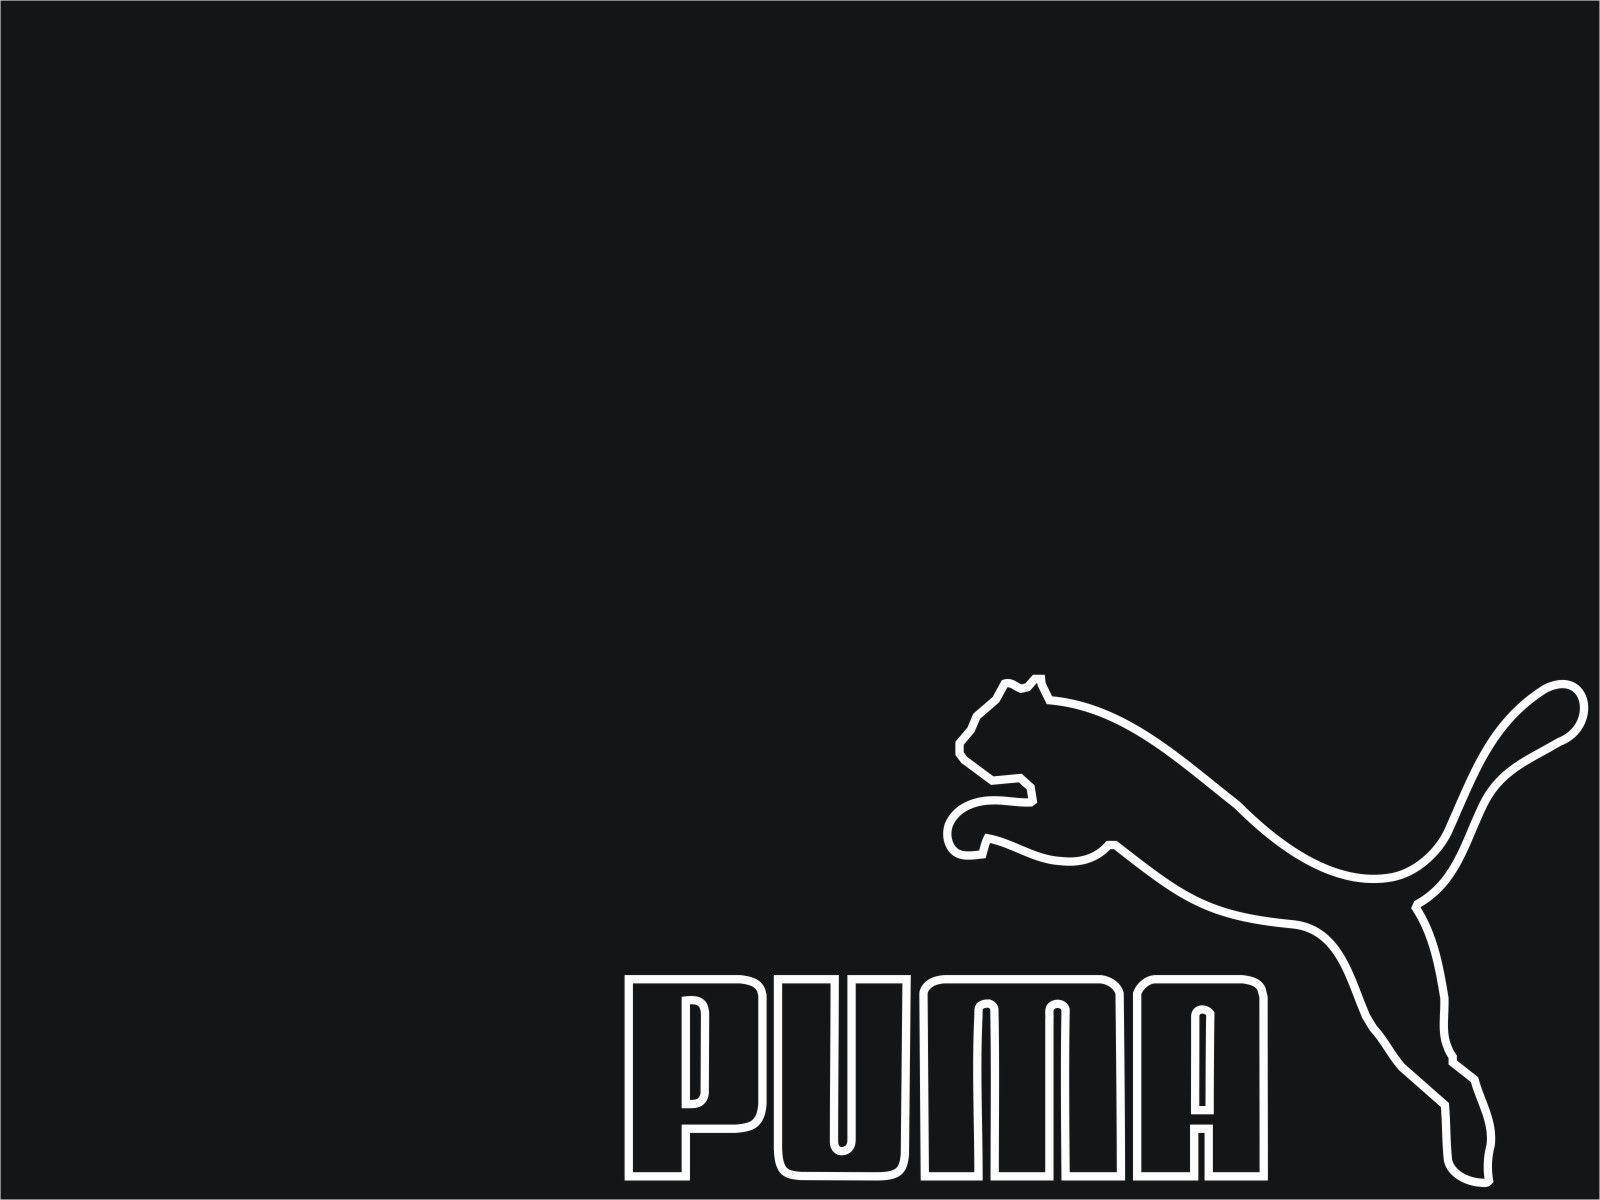 Puma Wallpapers - Wallpaper Cave